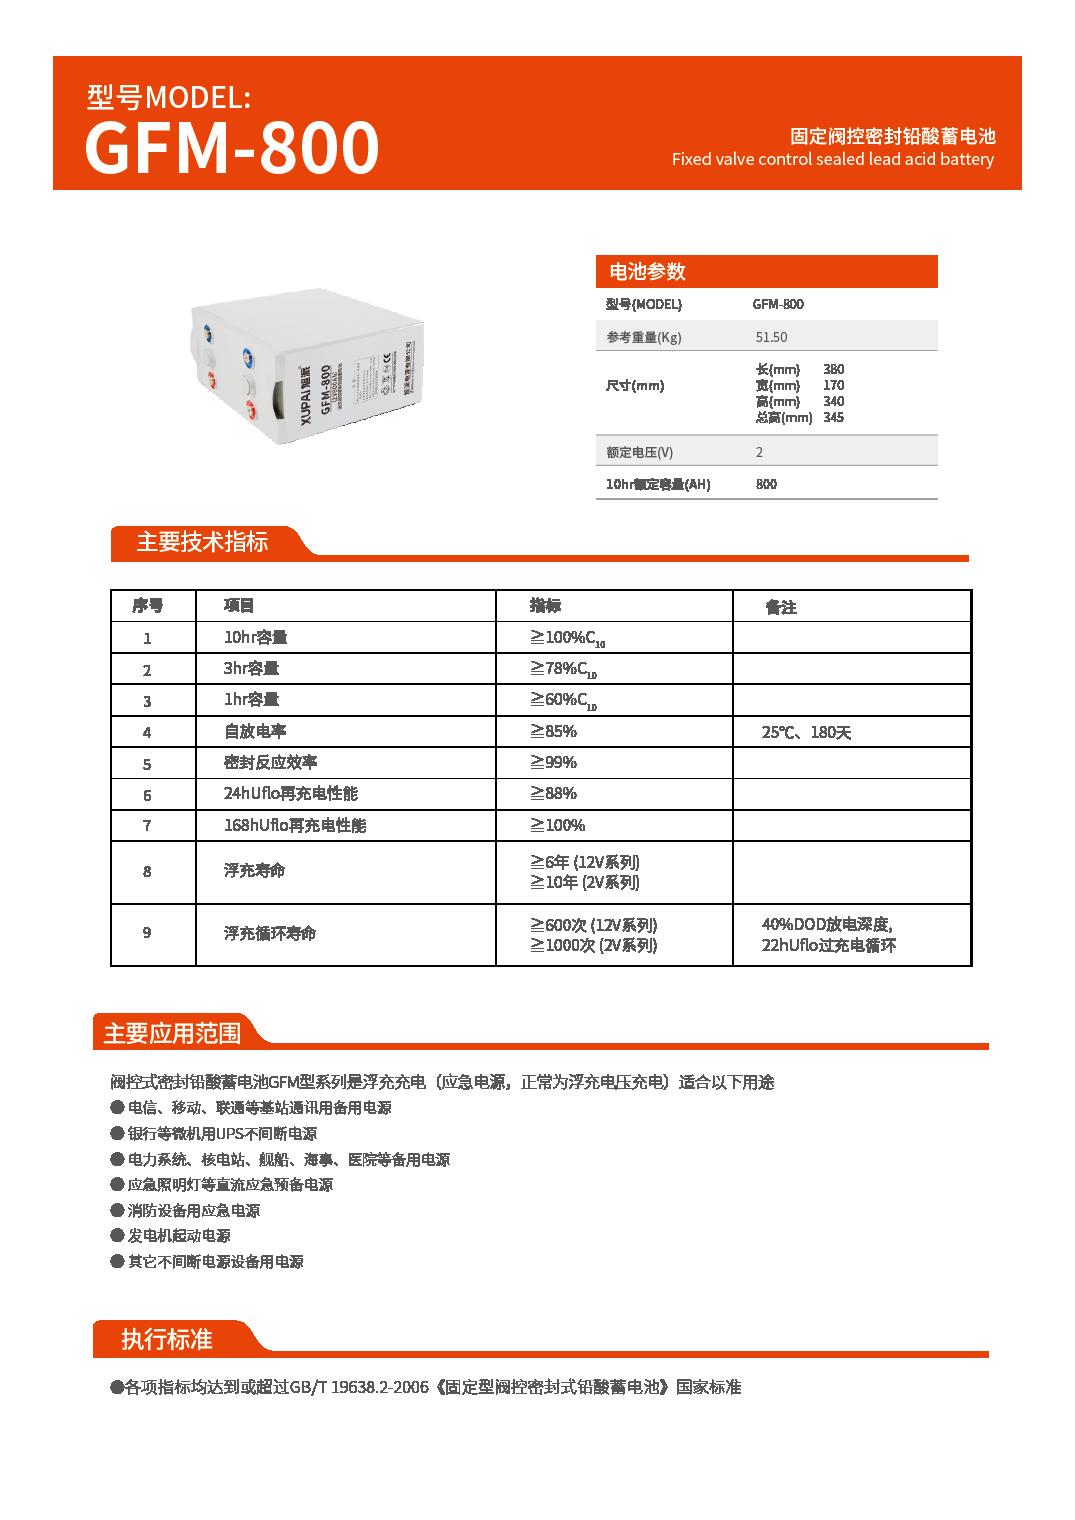 GFM-800-01.png